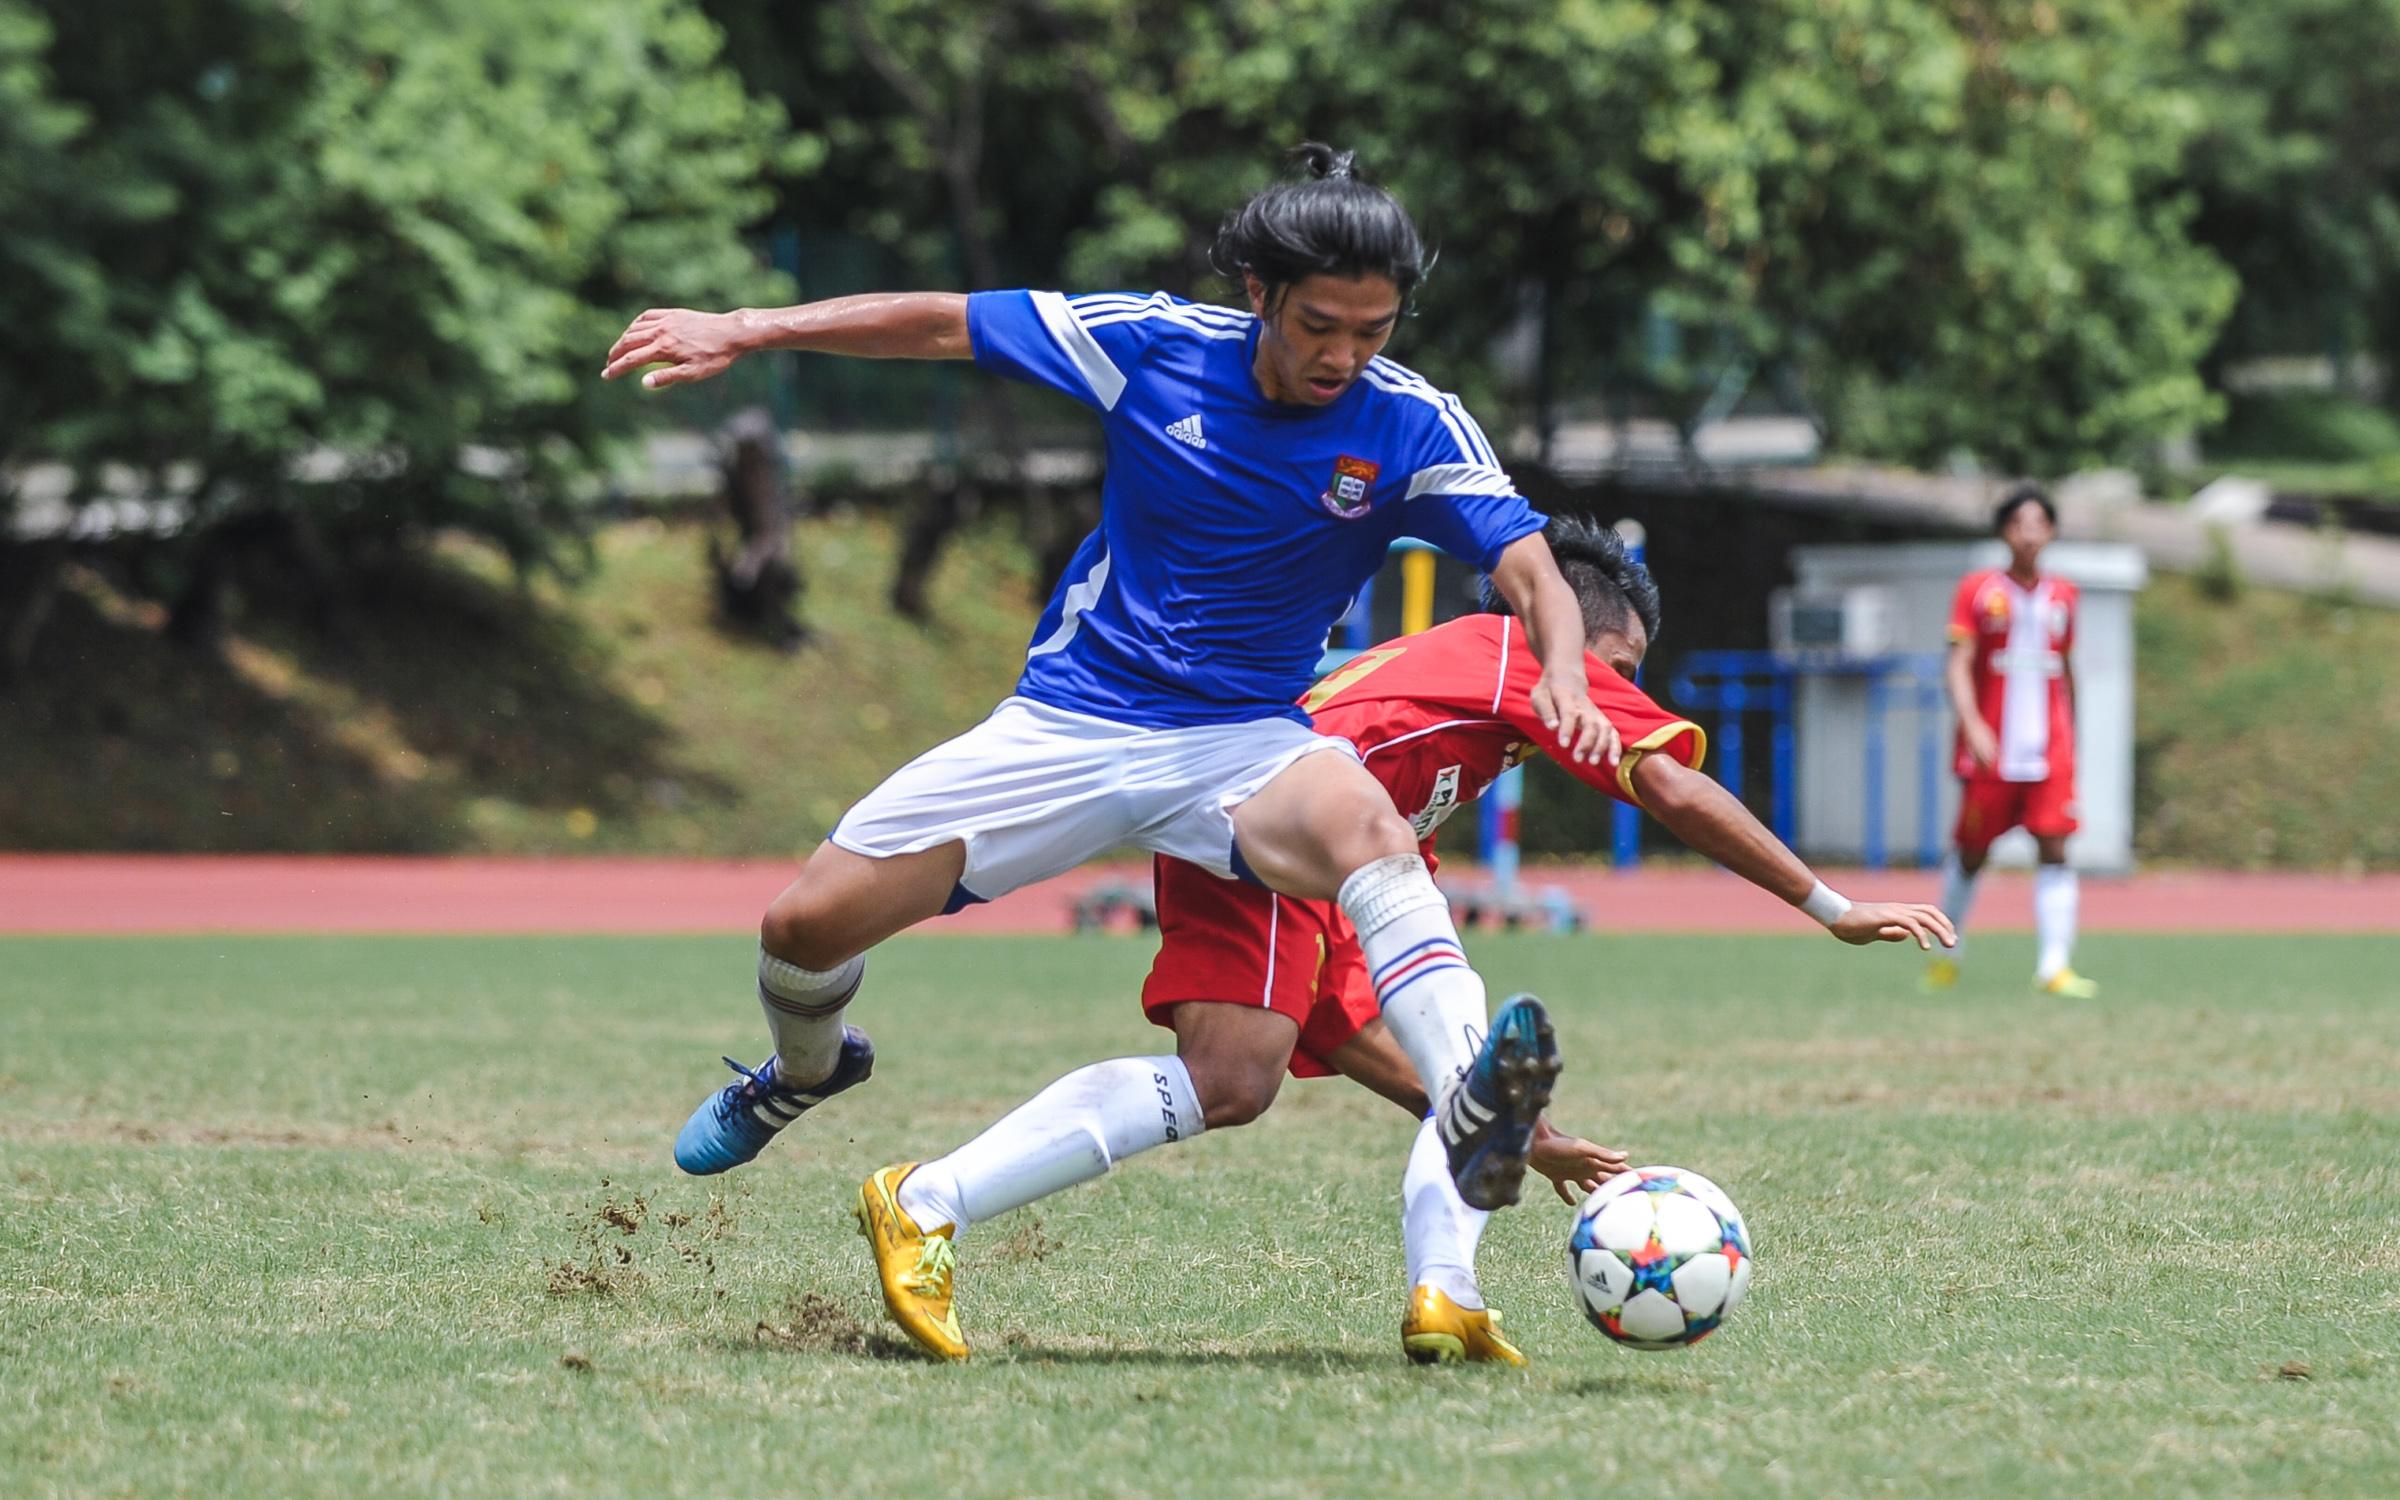 20150622-soccer-6.jpg